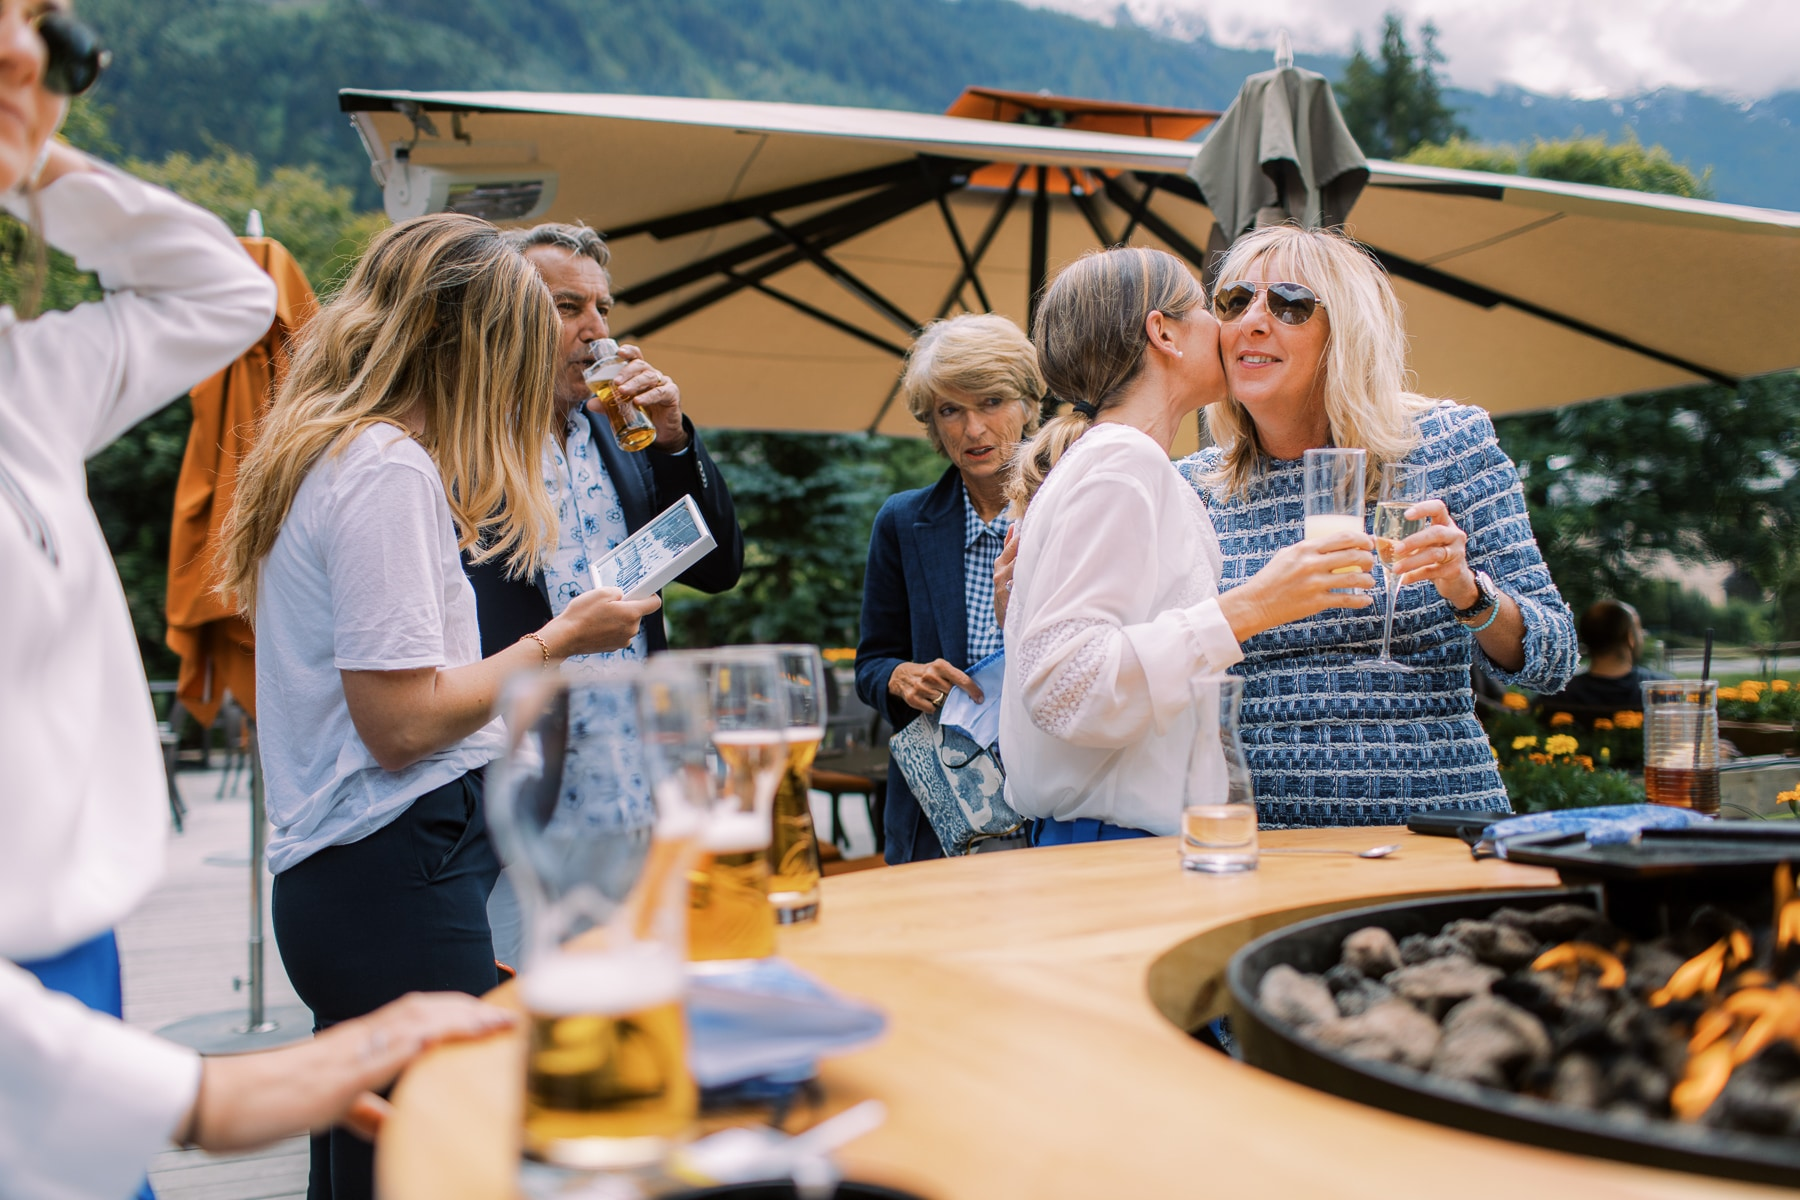 La Cabane des Praz, Chamonix, Francia Imagen del lugar de la boda | Los familiares y amigos más cercanos de la pareja beben cócteles